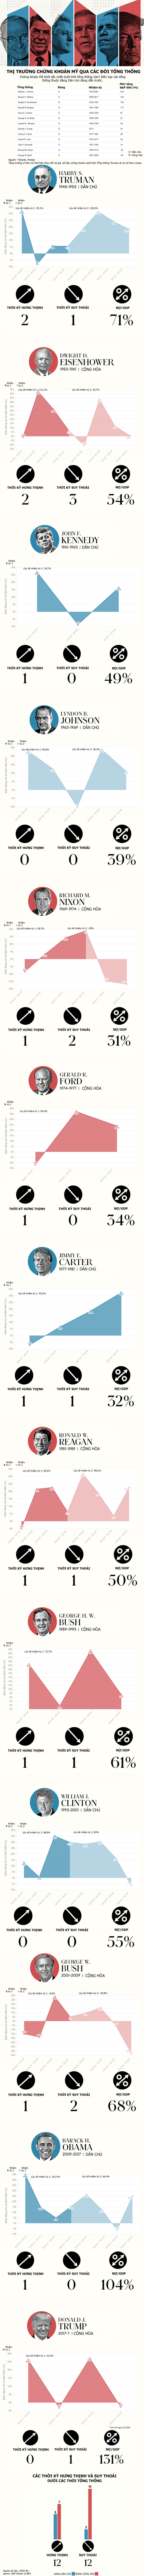 Thị trường chứng khoán Mỹ biến động ra sao dưới các đời Tổng thống? - Ảnh 1.